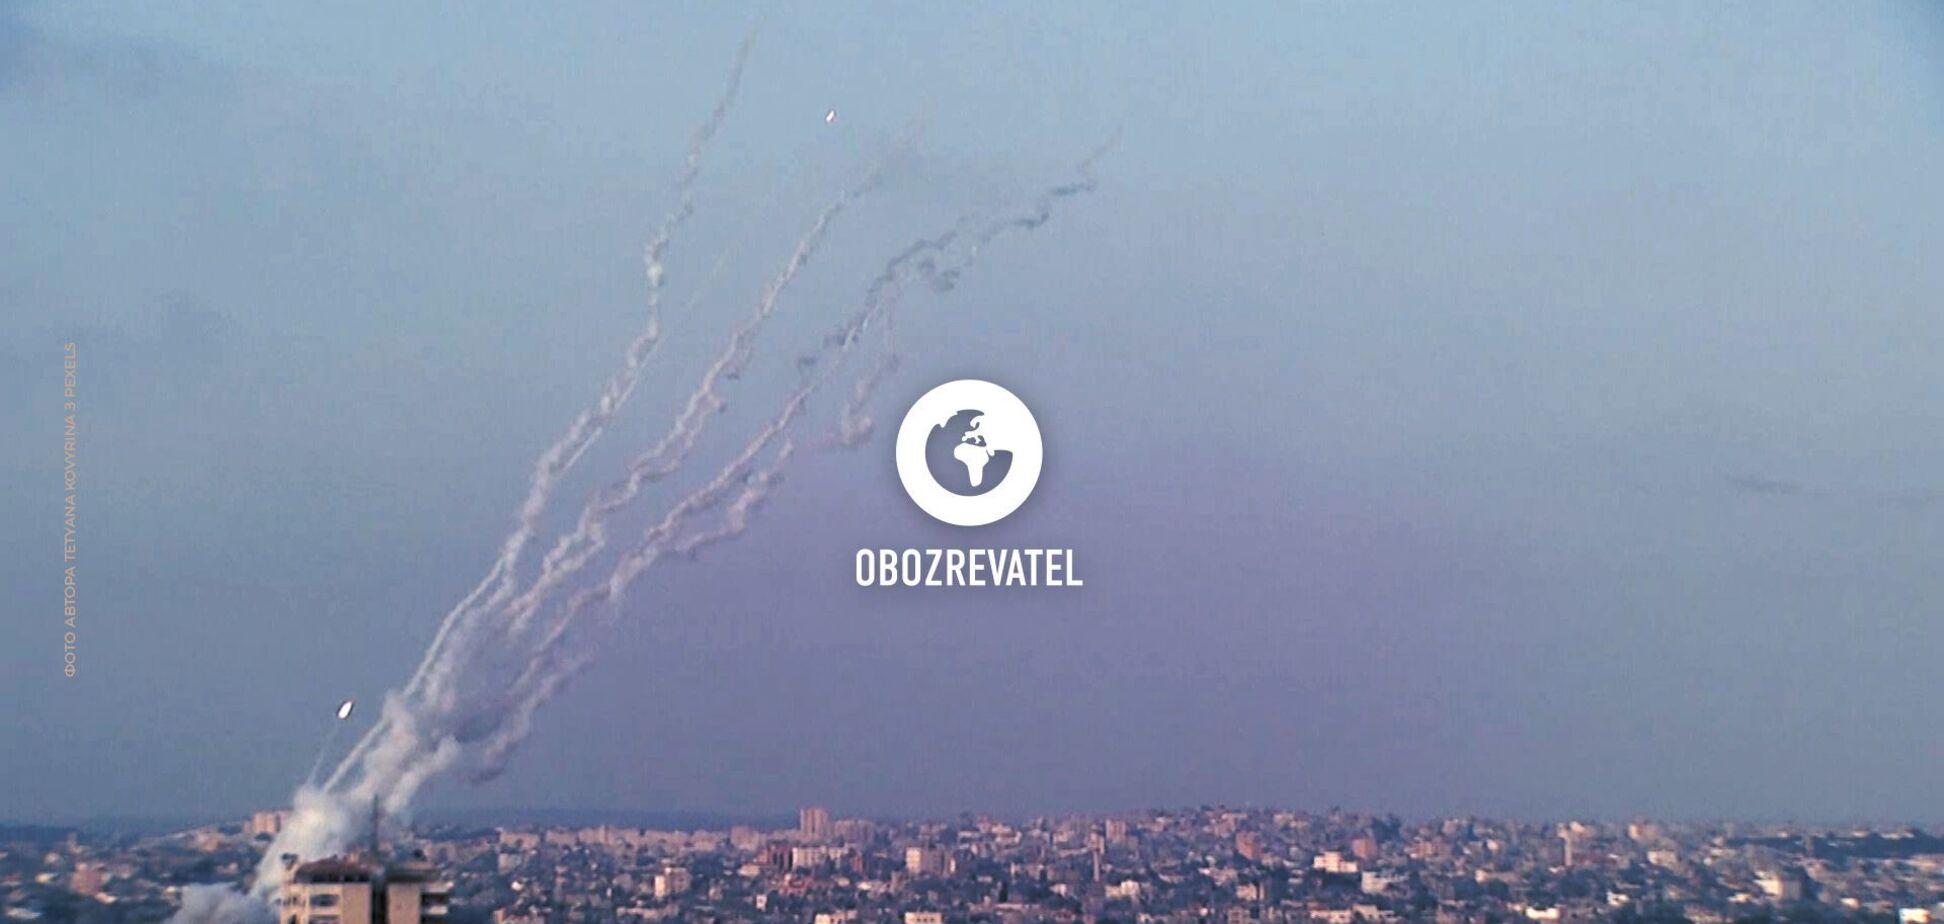 Відео ракетного обстрілу з житлових кварталів Гази в бік Єрусалиму